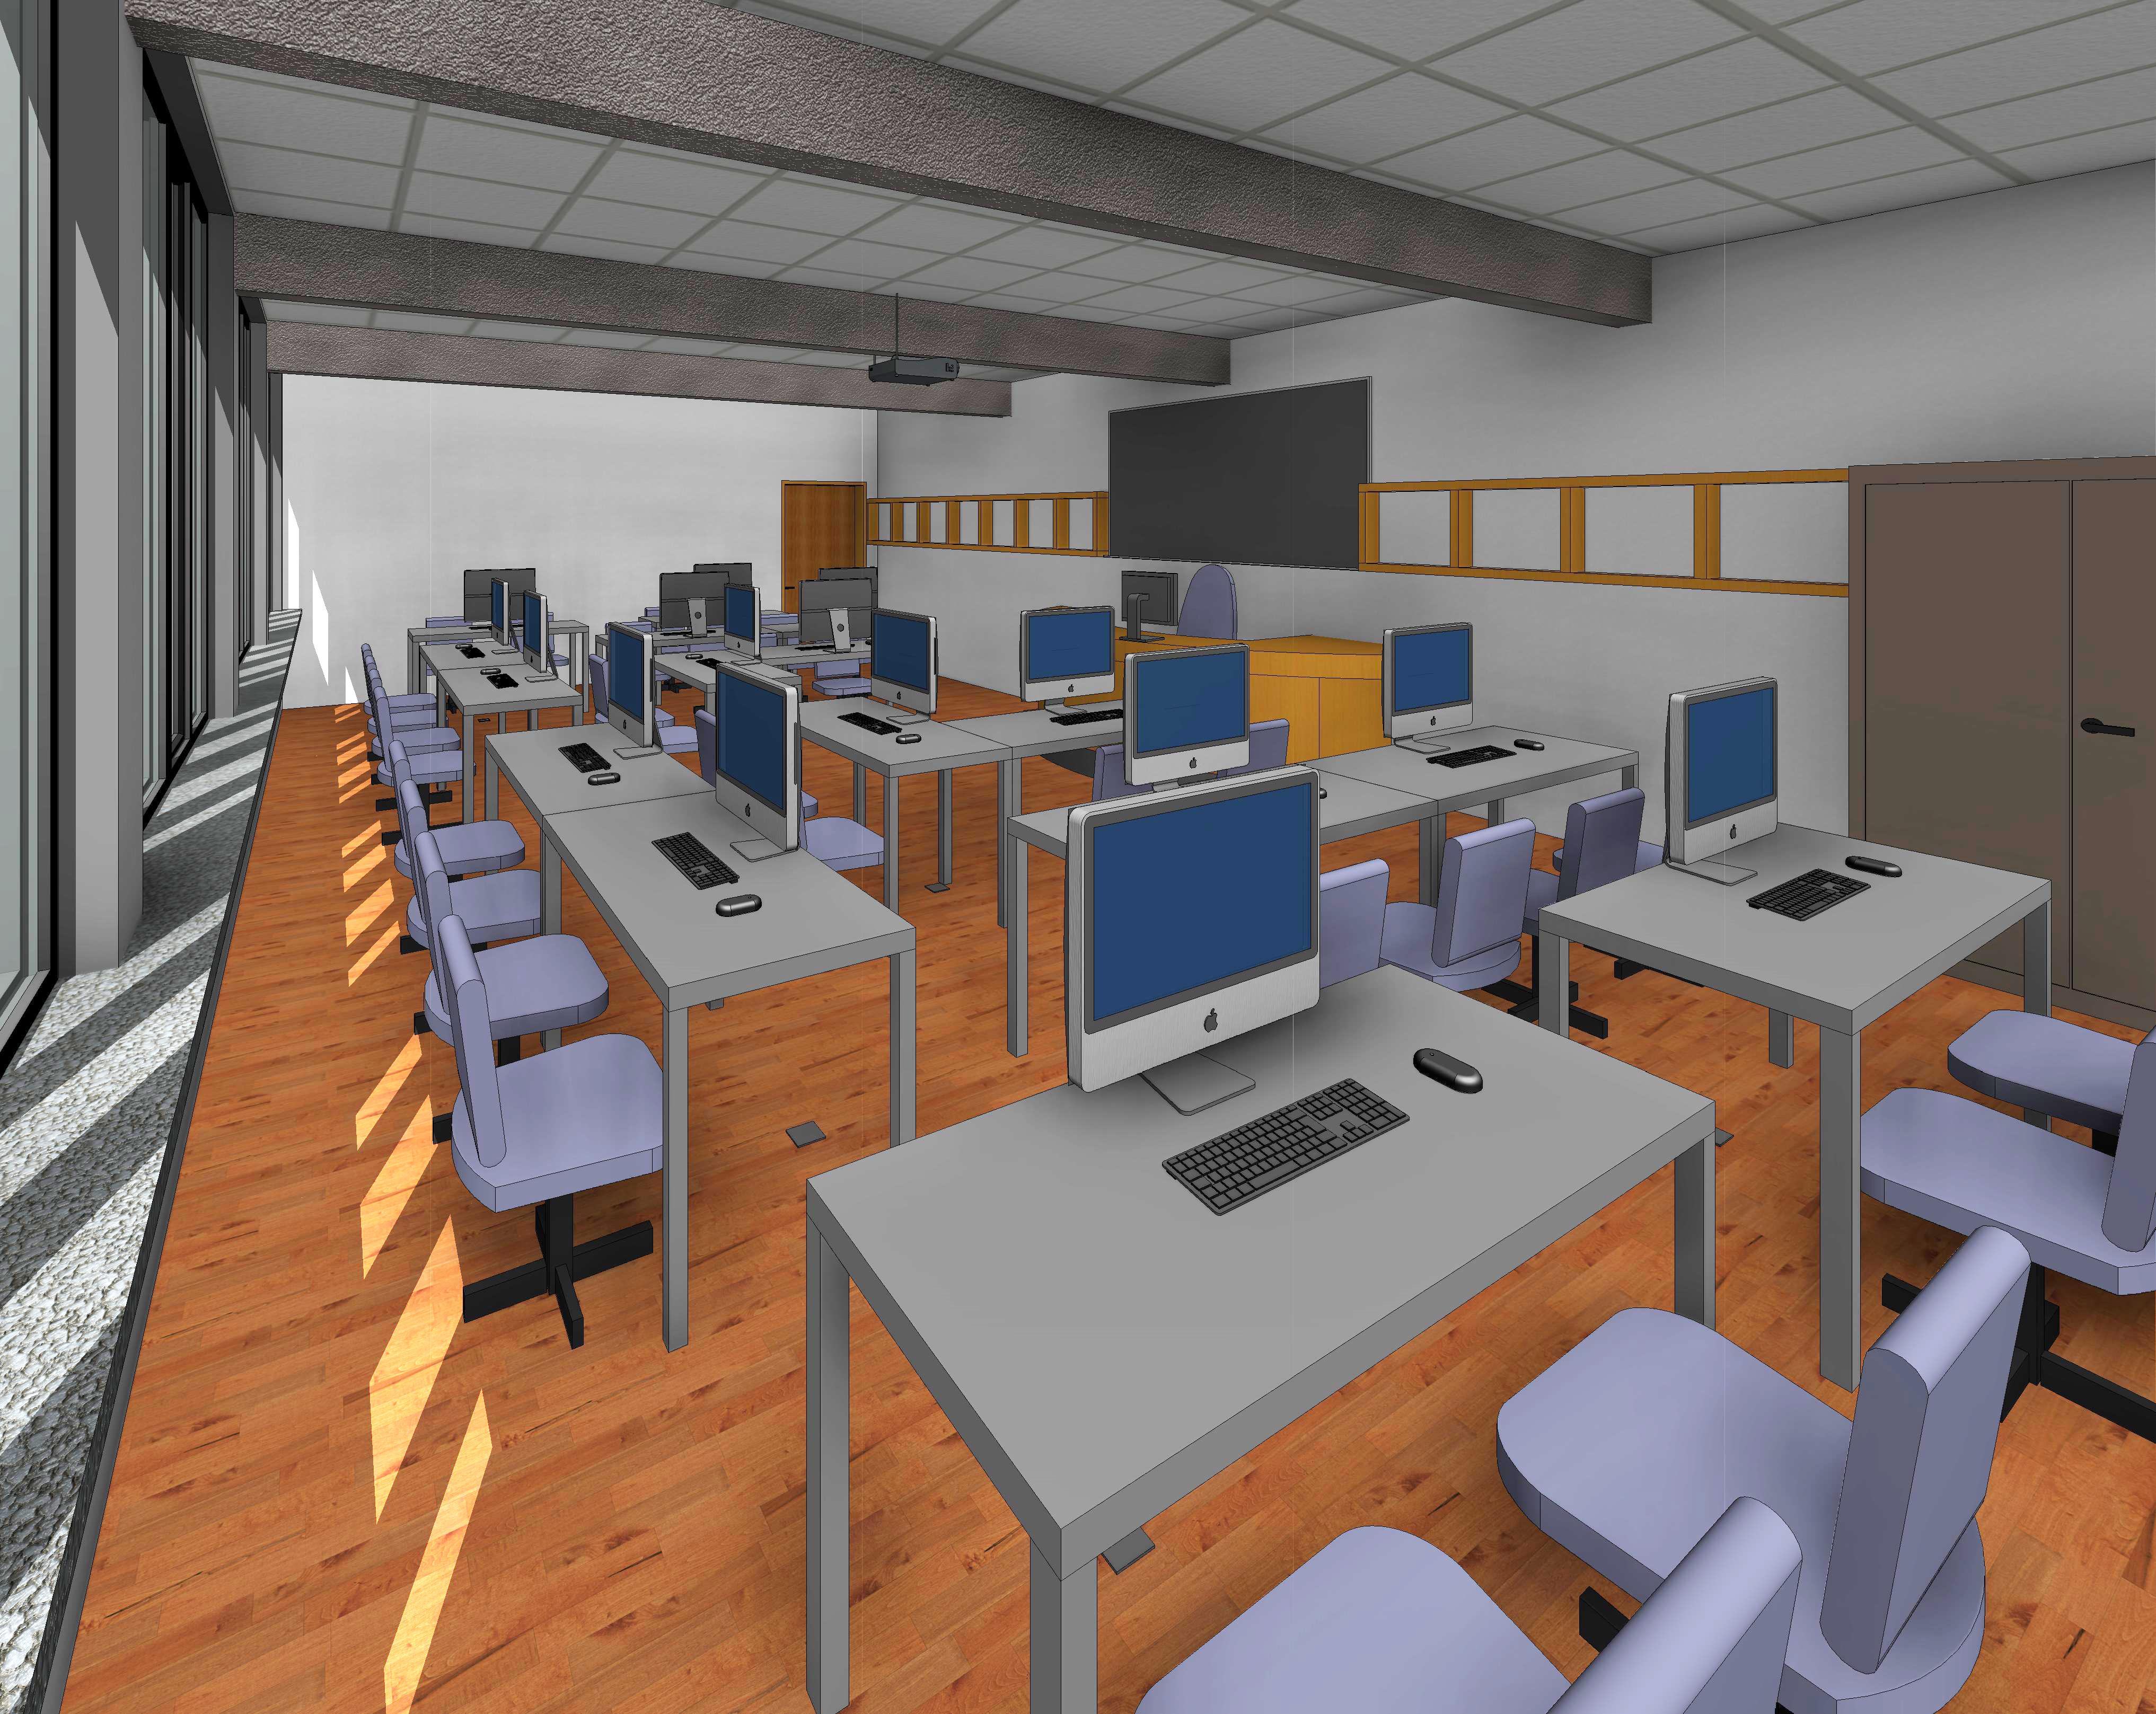 kabinet_aels – 3D View2_k